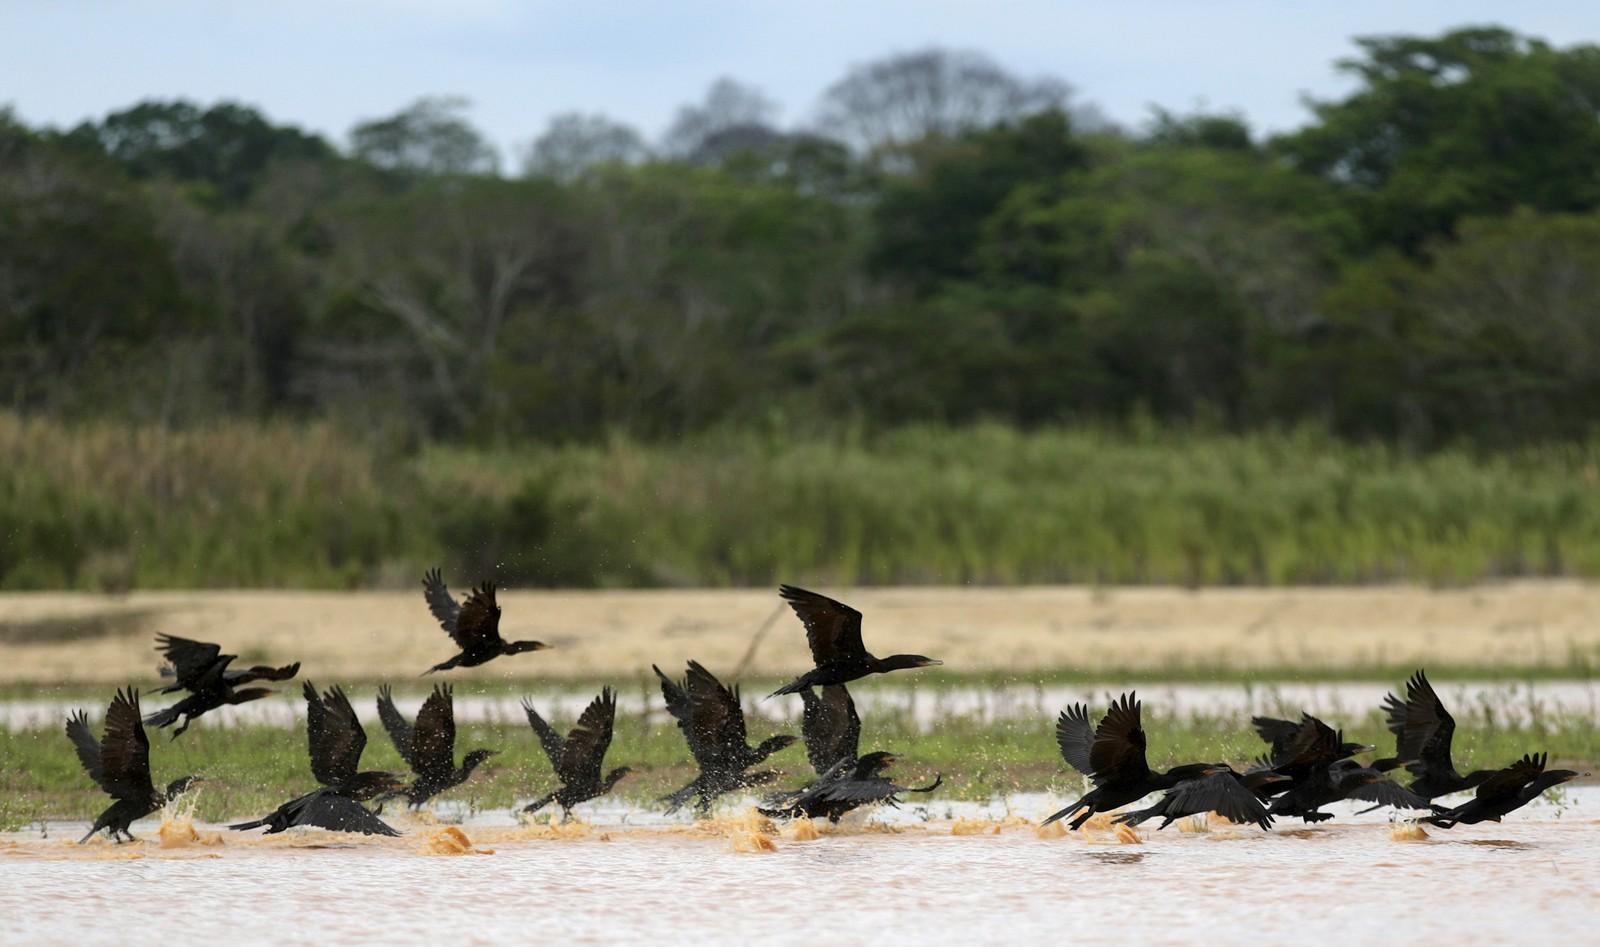 Fuglar flyt over Rio Doce, som er overfylt med giftig gjørme etter ei ulukke for eit par veker sidan. Biomangfaldet i heile regionen er truga.